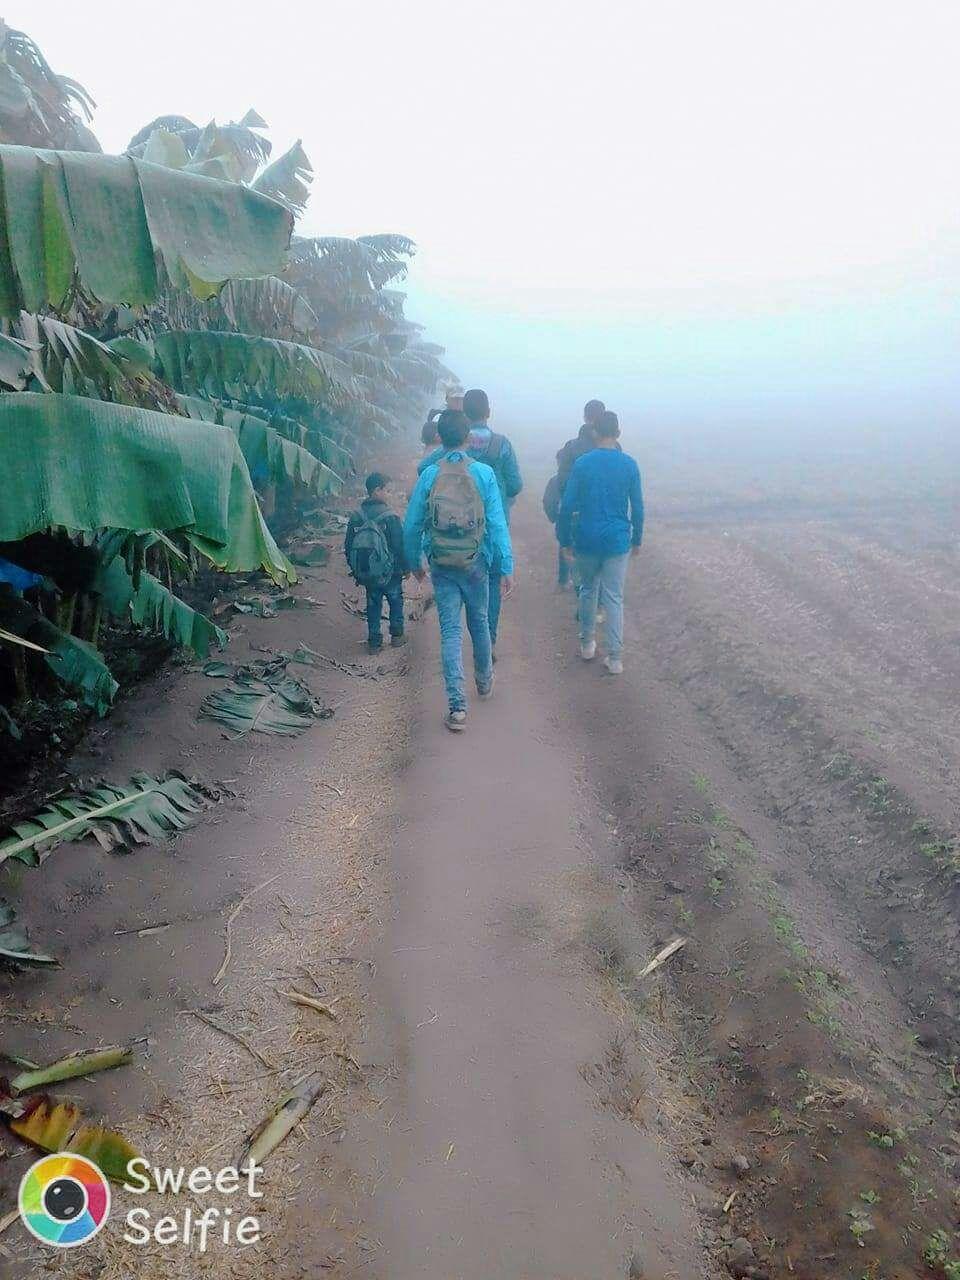 في الشبورة وبين مزارع الموز.. رحلة تلاميذ مدرسة في إحدى قرى كوم حمادة